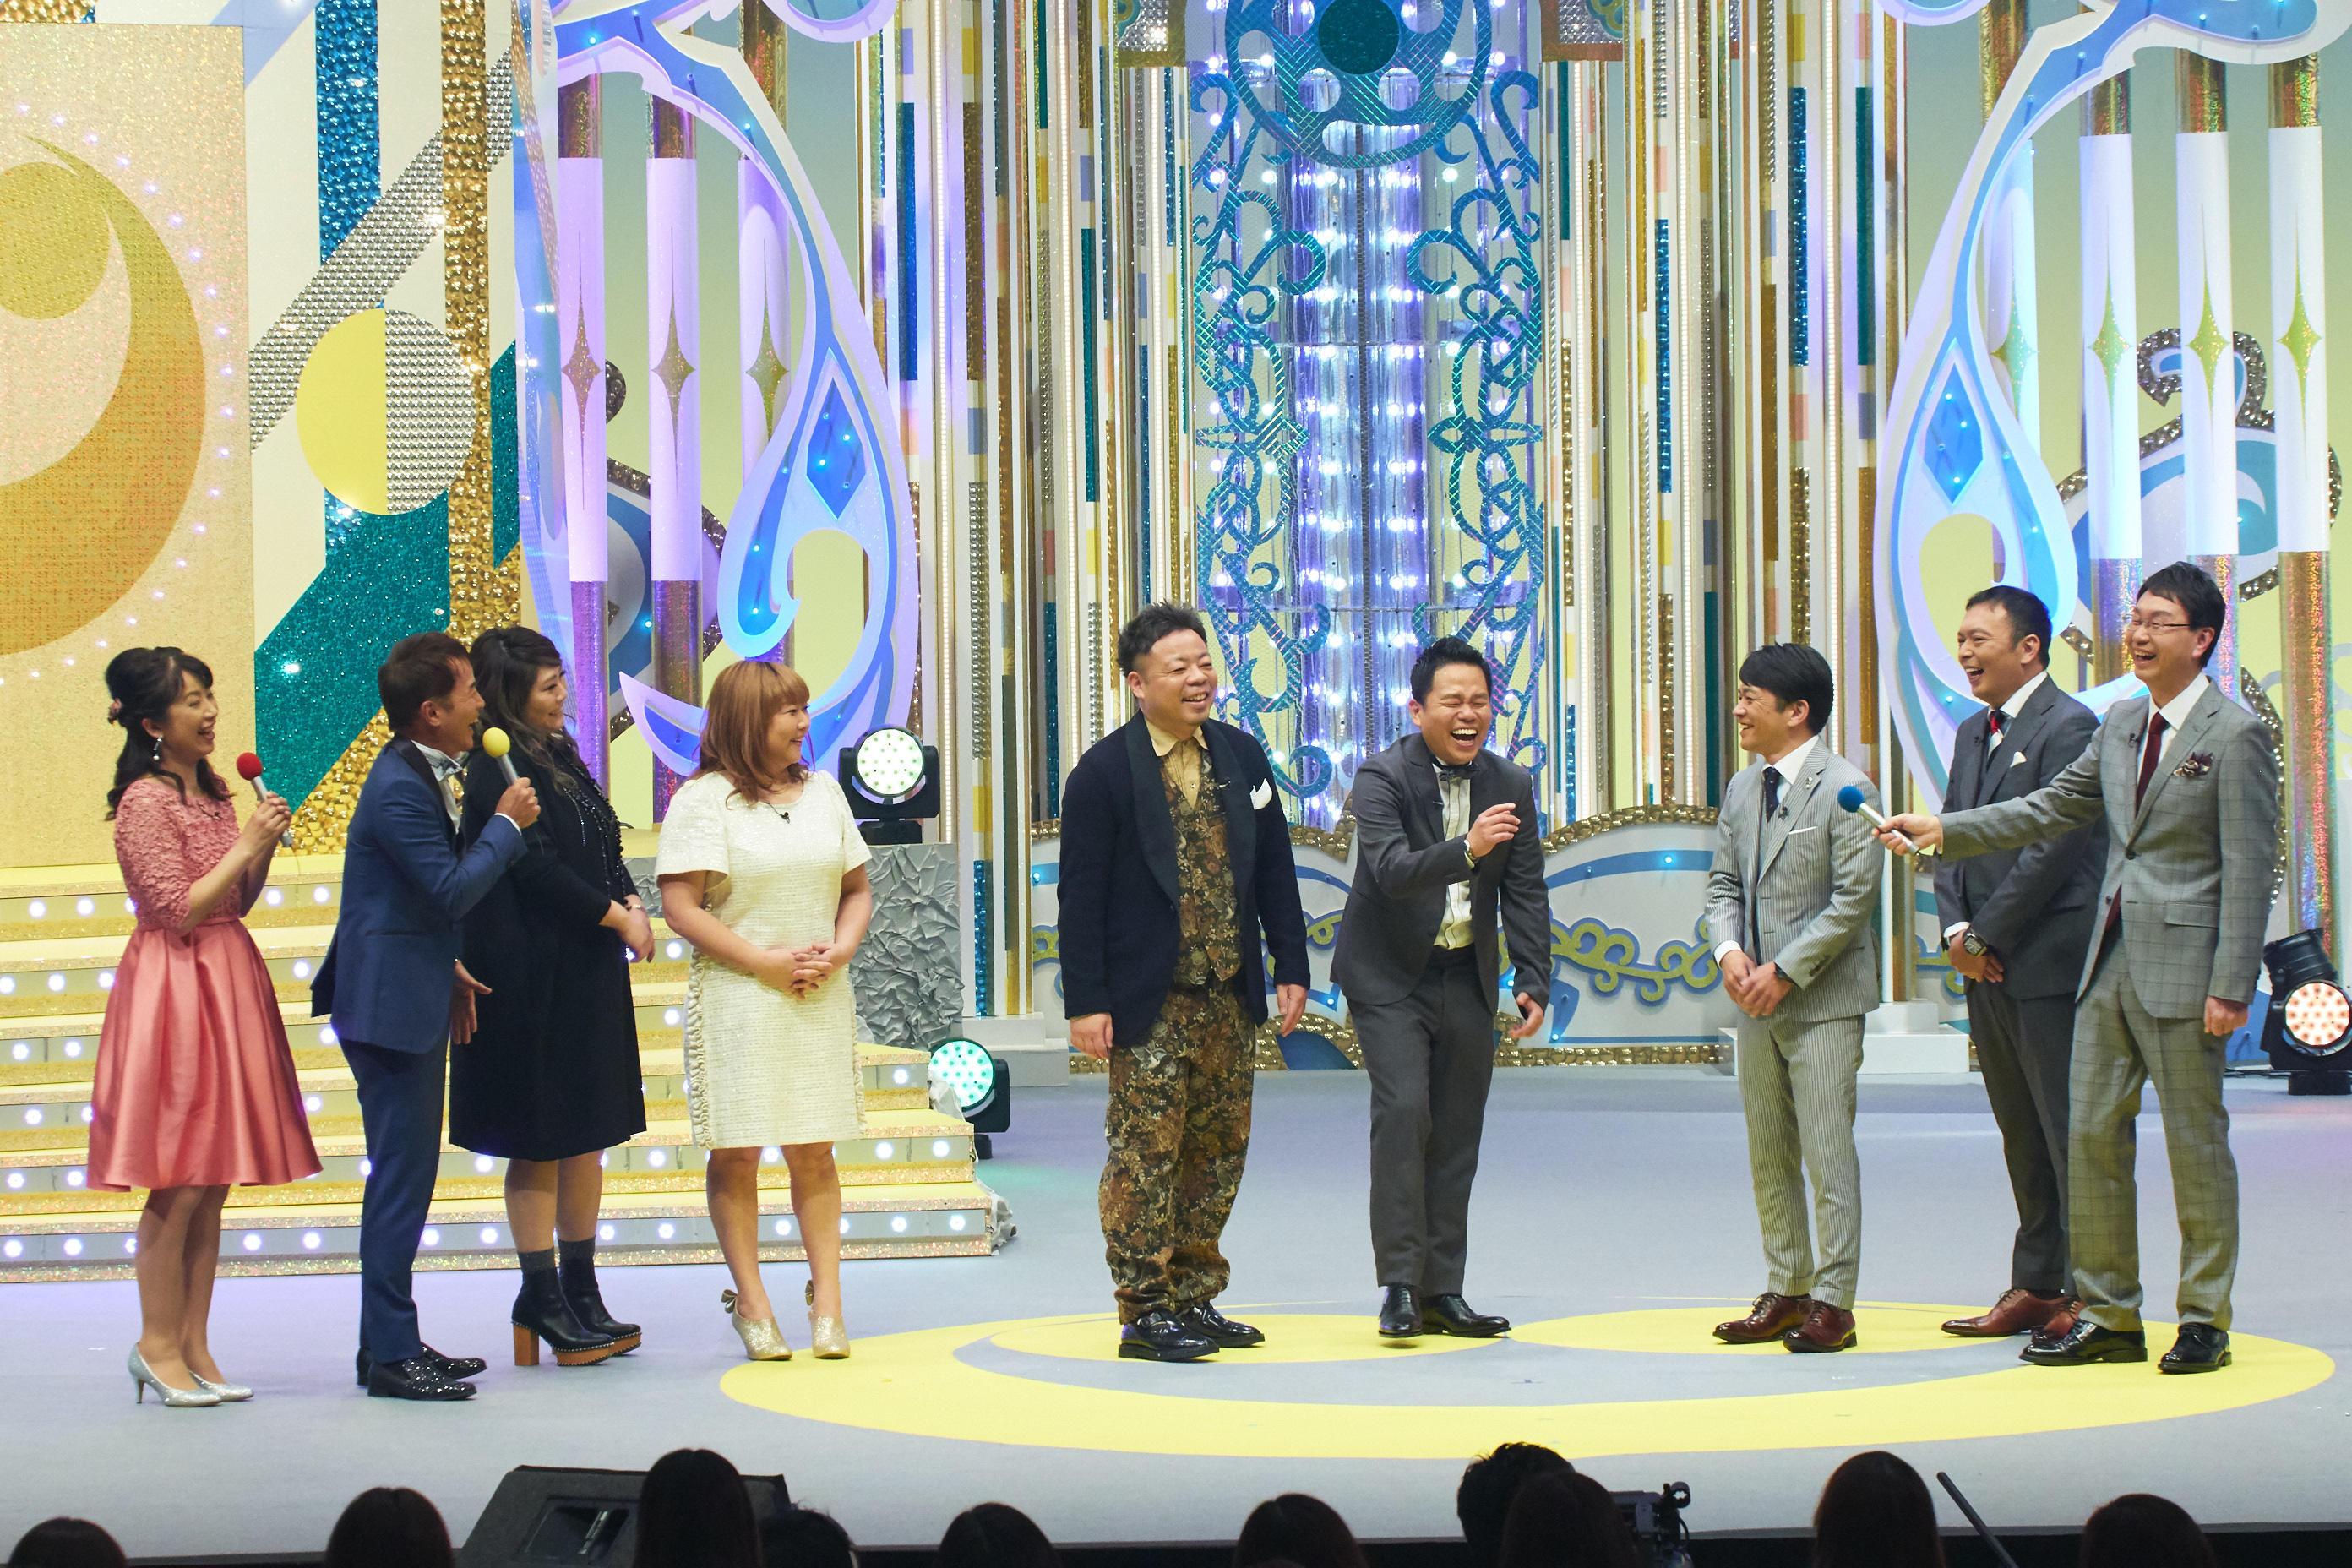 http://news.yoshimoto.co.jp/20180409143911-e99a0436e90bf77646d154dd02ecad79711fc468.jpg